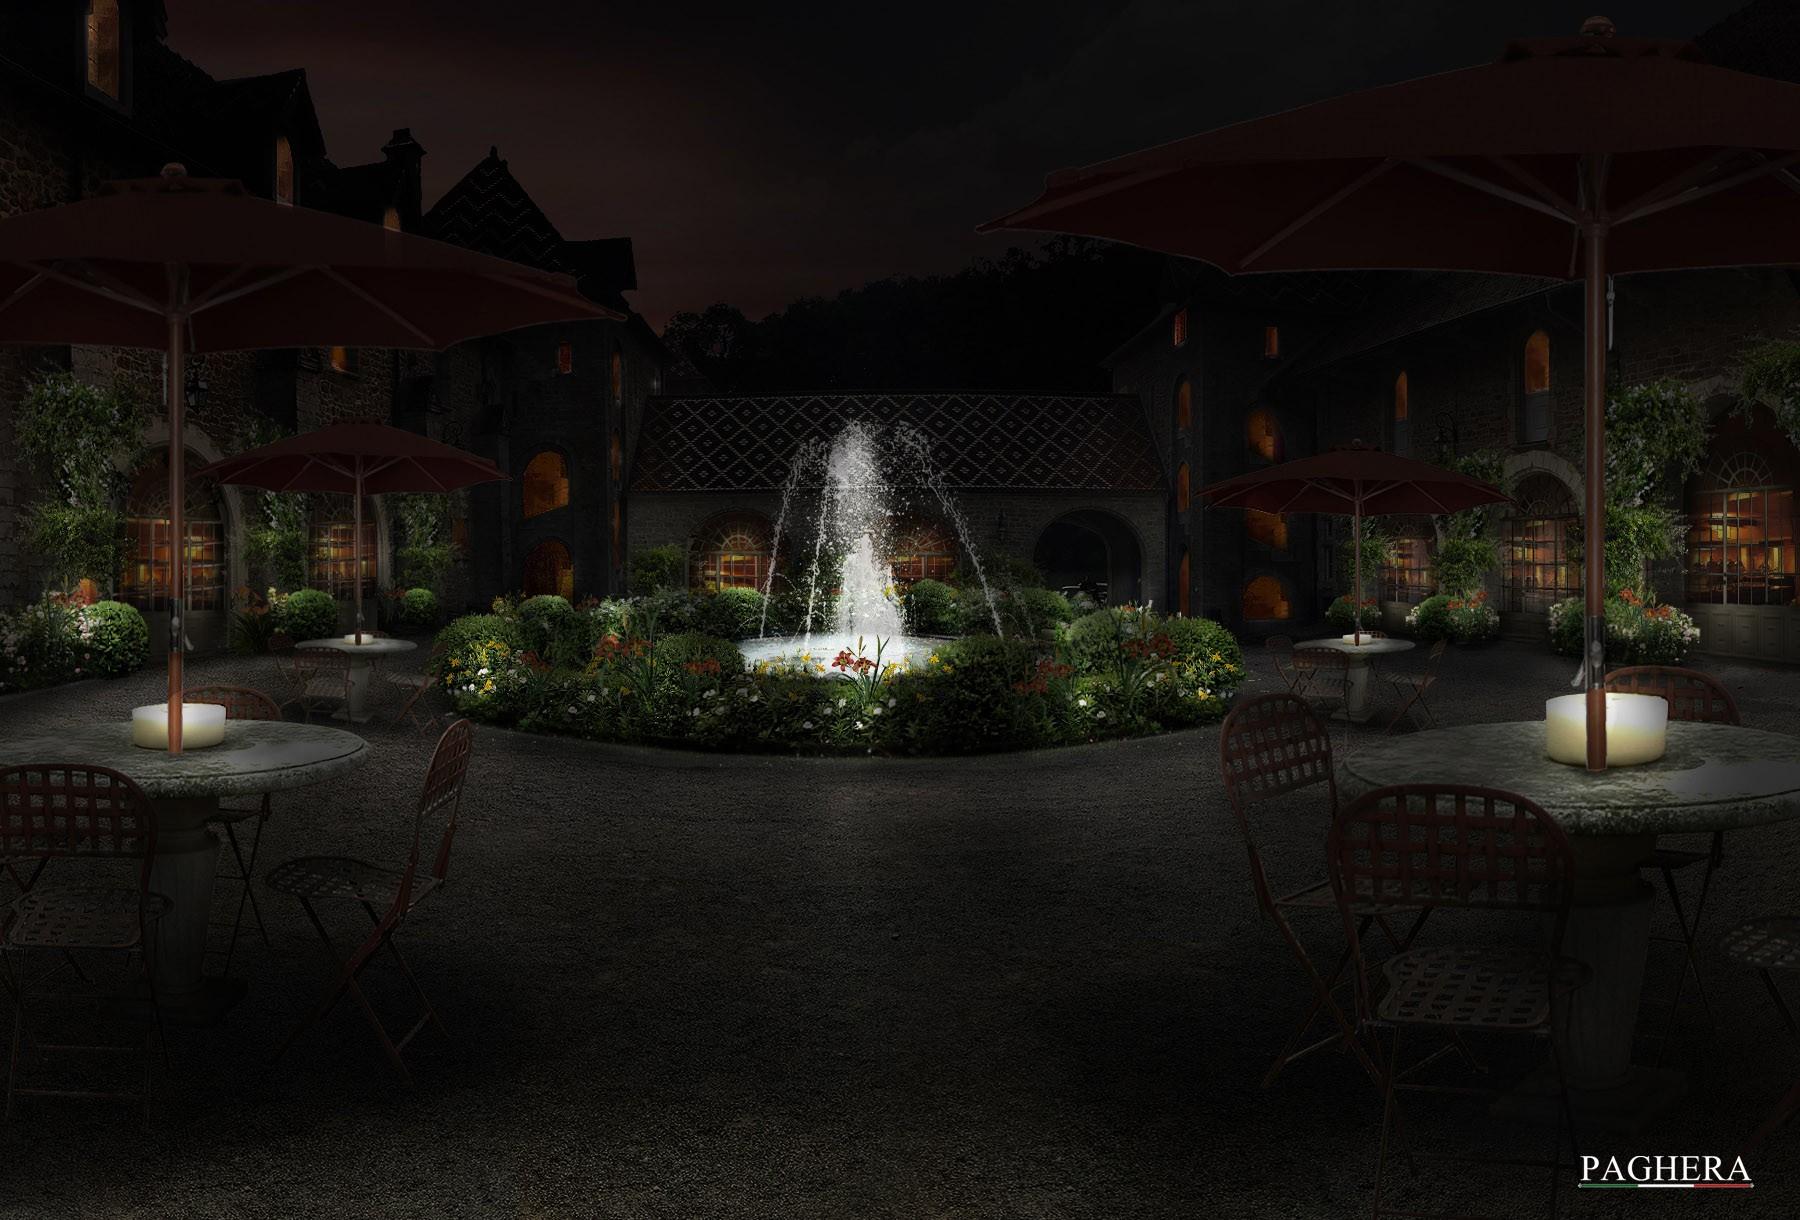 Il rinnovato splendore di un antico castello francese - Hotel, Resort e Spa